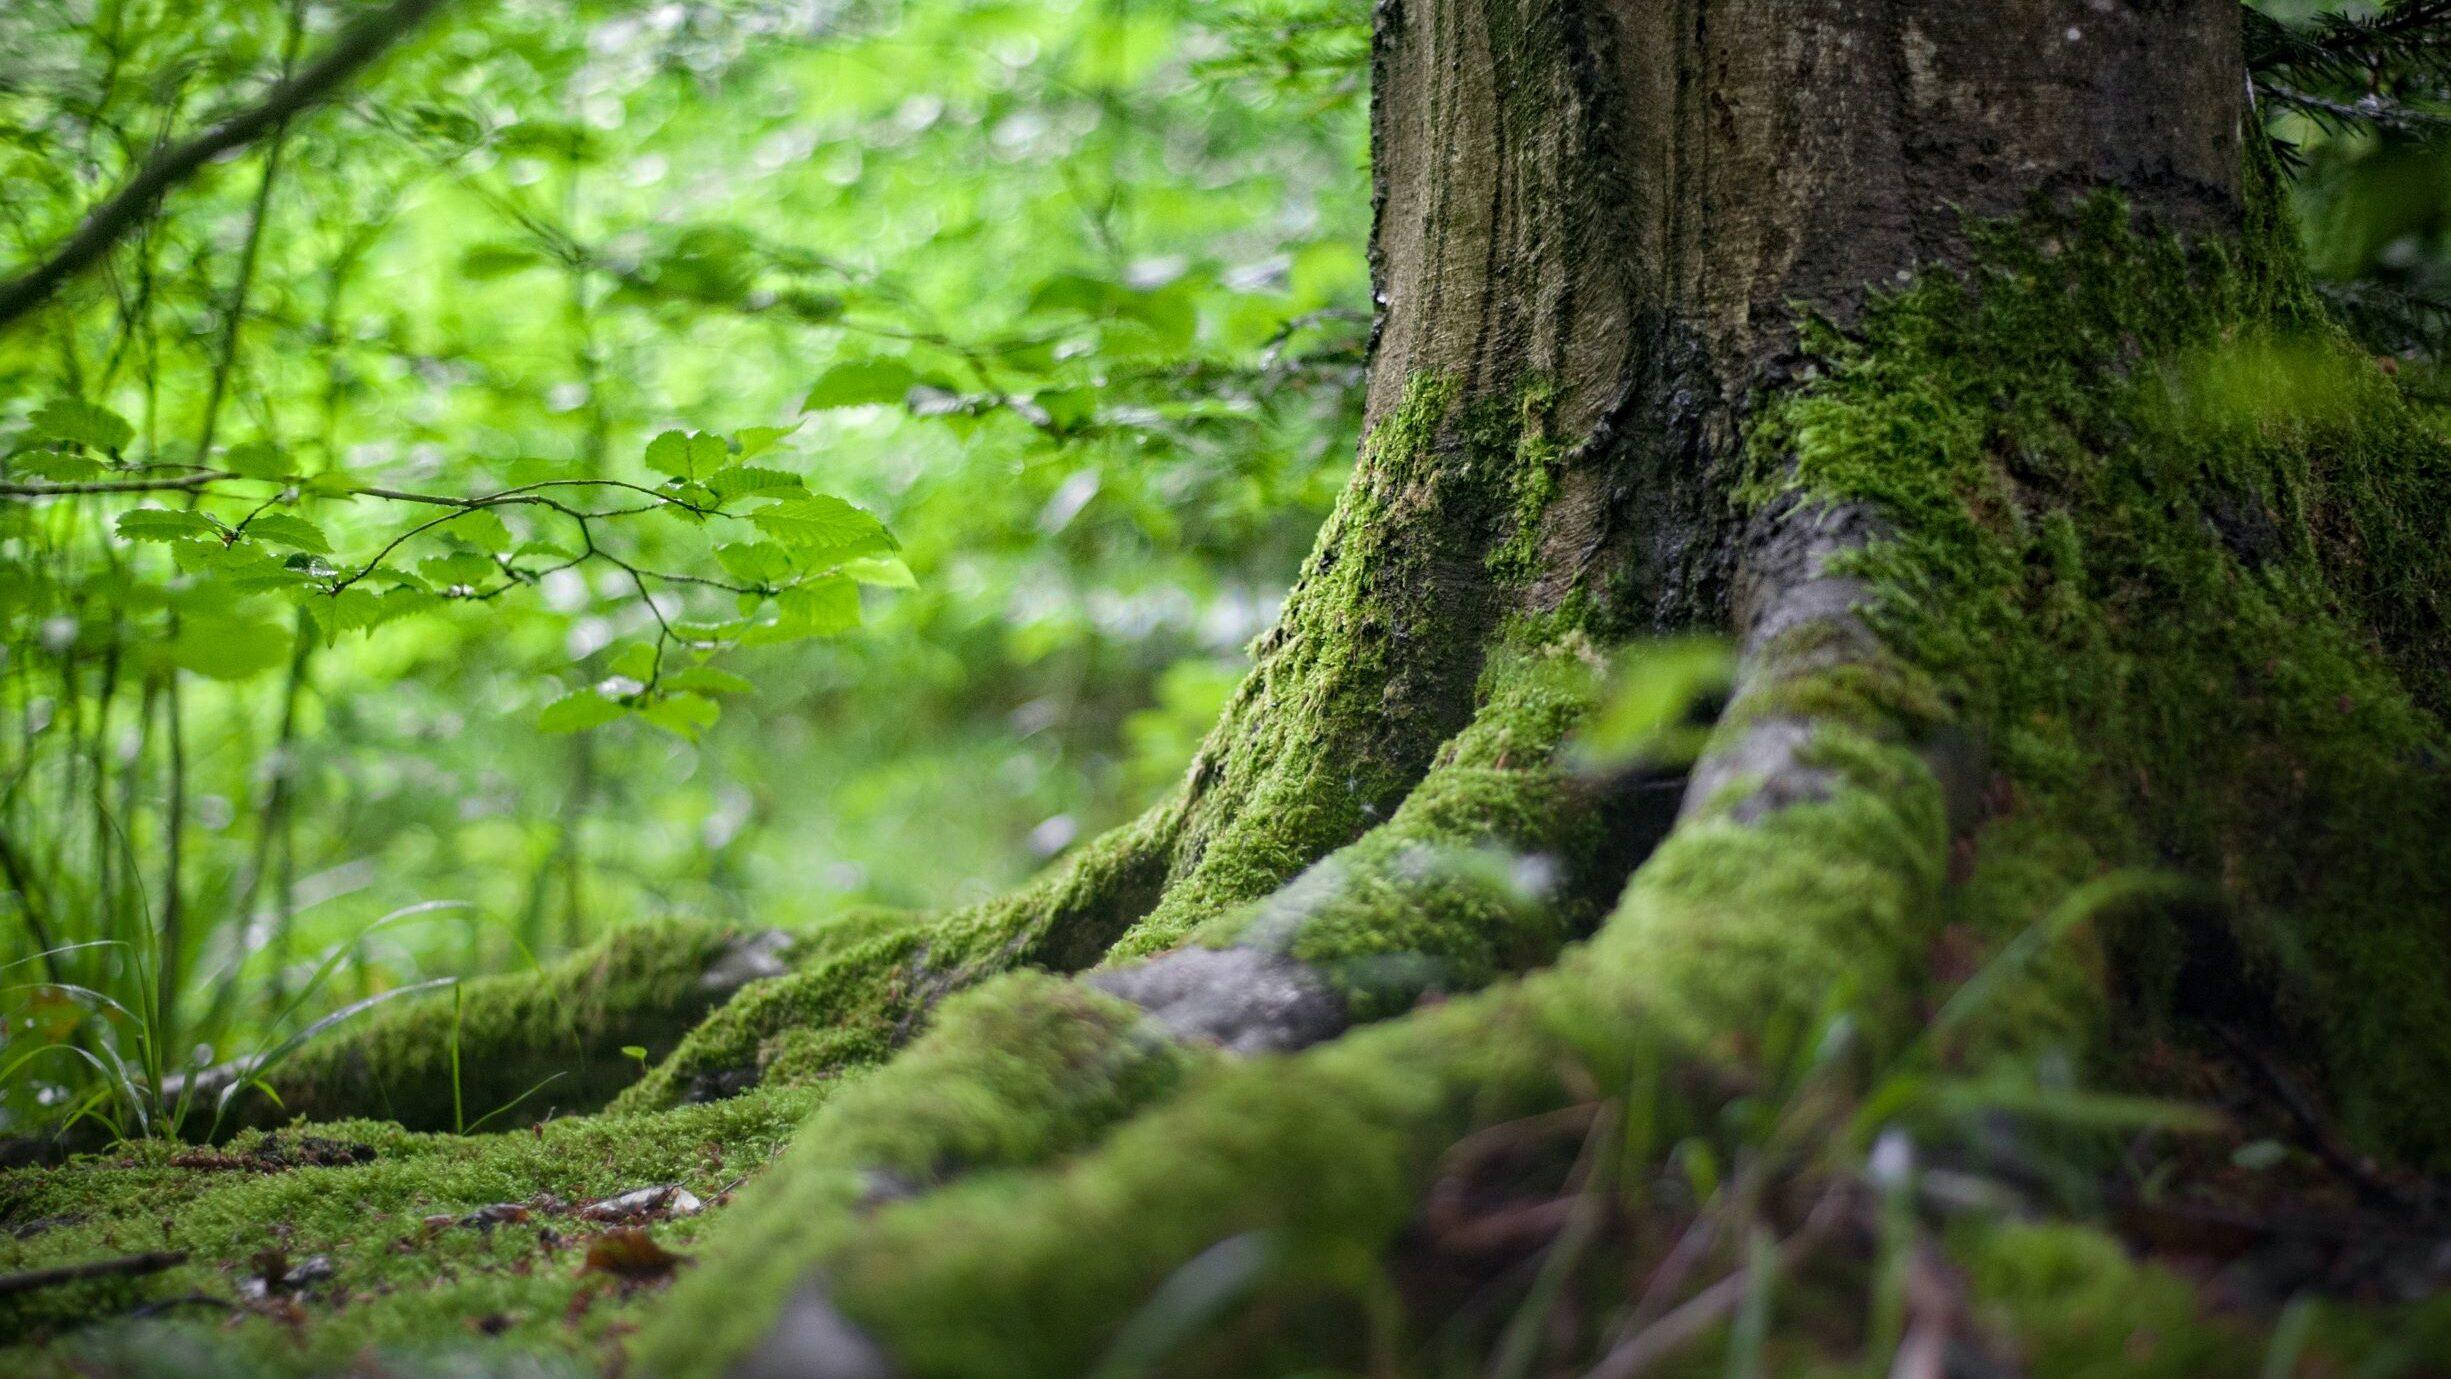 positieve klimaatverhalen positief klimaat nieuws klimaatnieuws leuk bomen planten